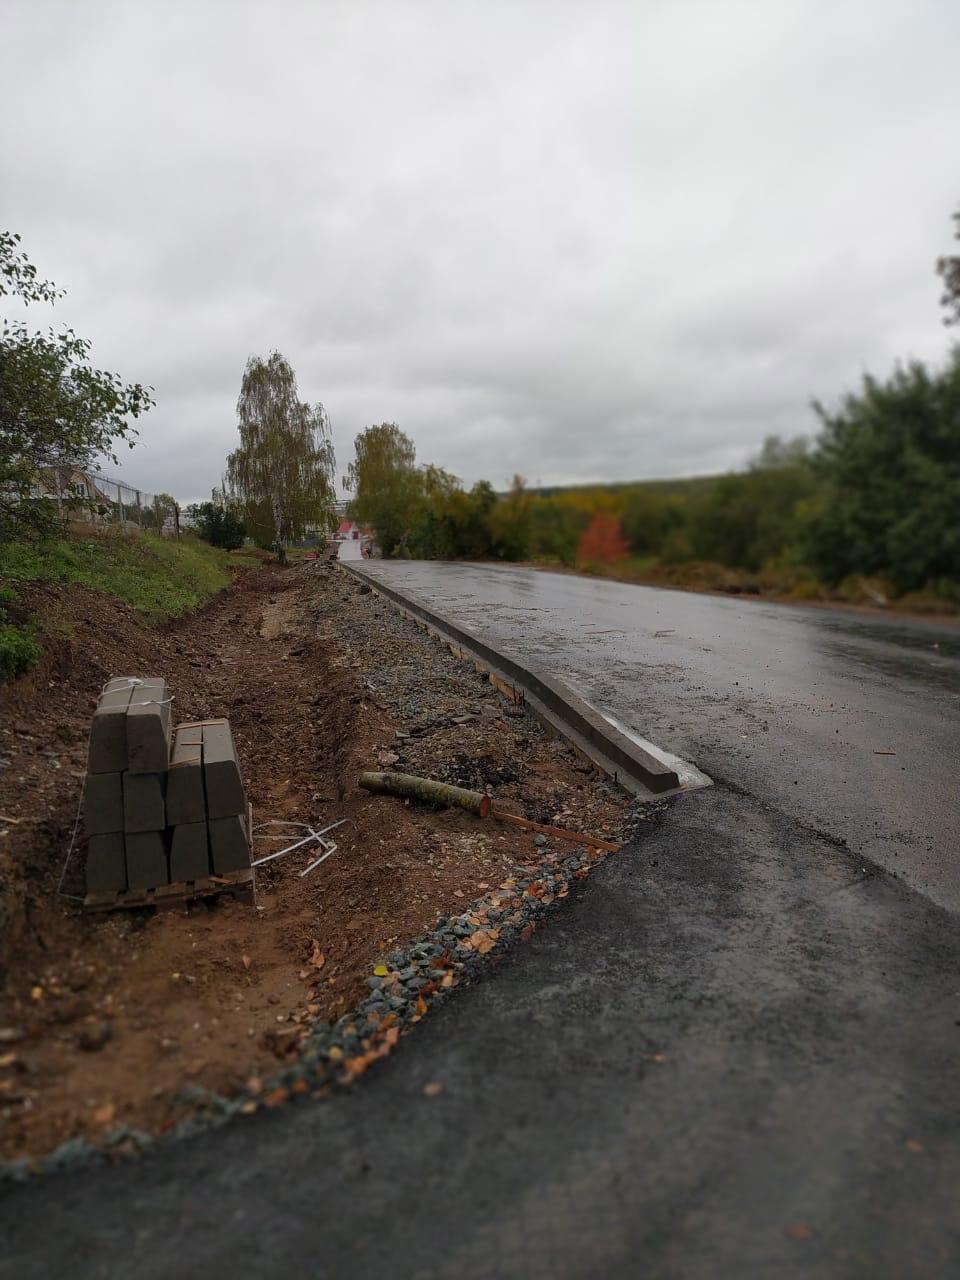 Дорога на городской пруд с бордюром и